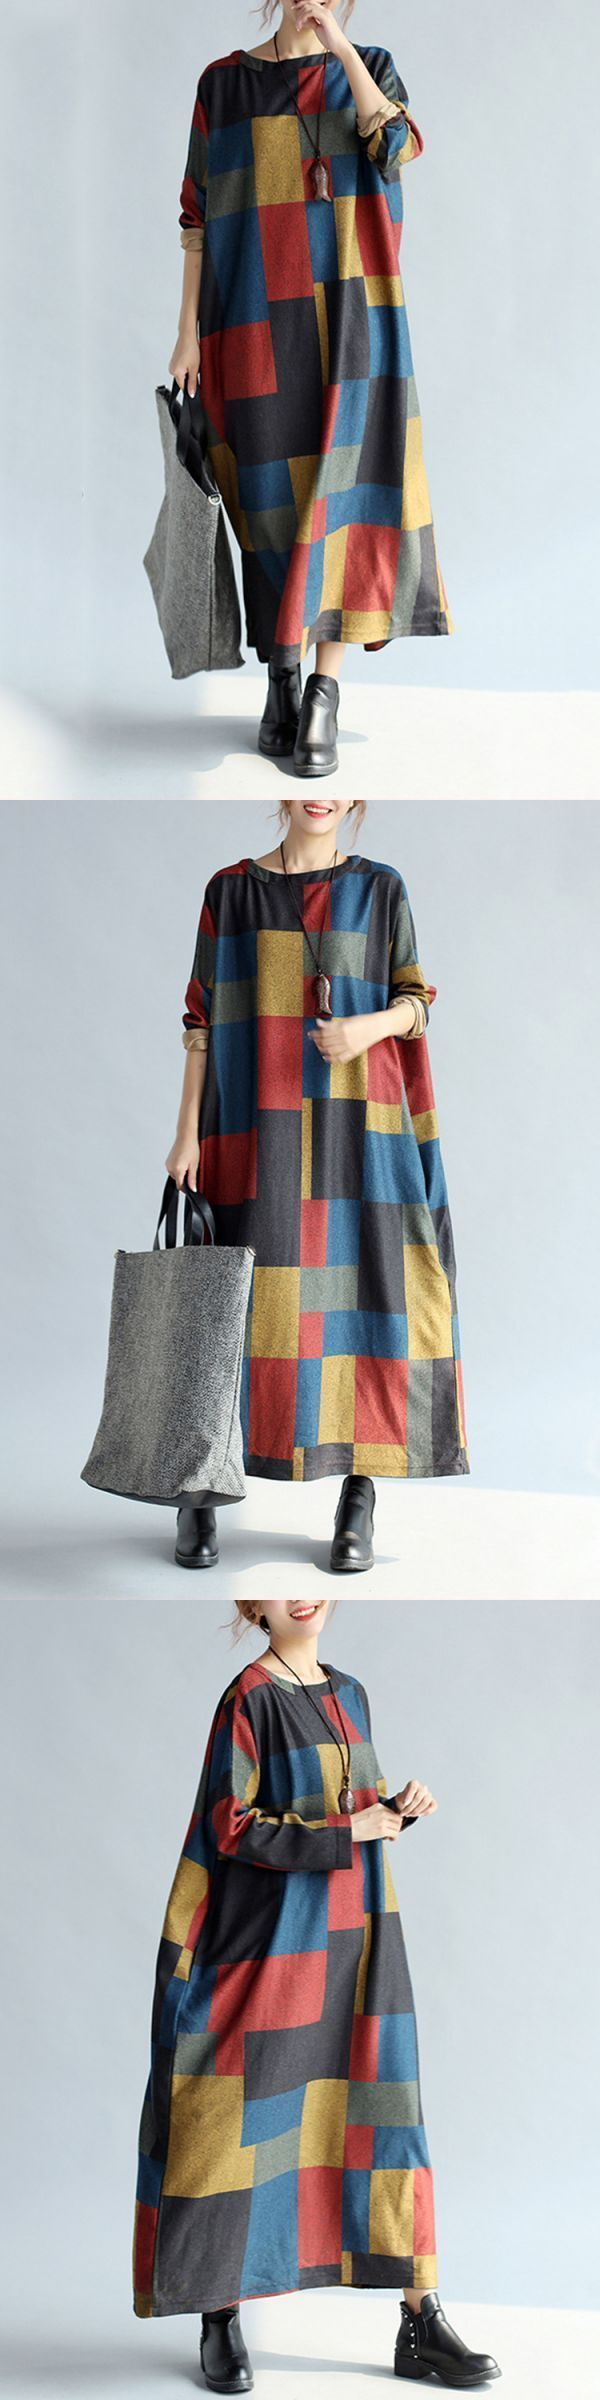 Plaid loose casual long sleeve women maxi dress casual dresses house of fraser #70s #casual #dresses #casual #dresses #chiffon #casual #dresses #john #lewis #casual #dresses #kolaaj